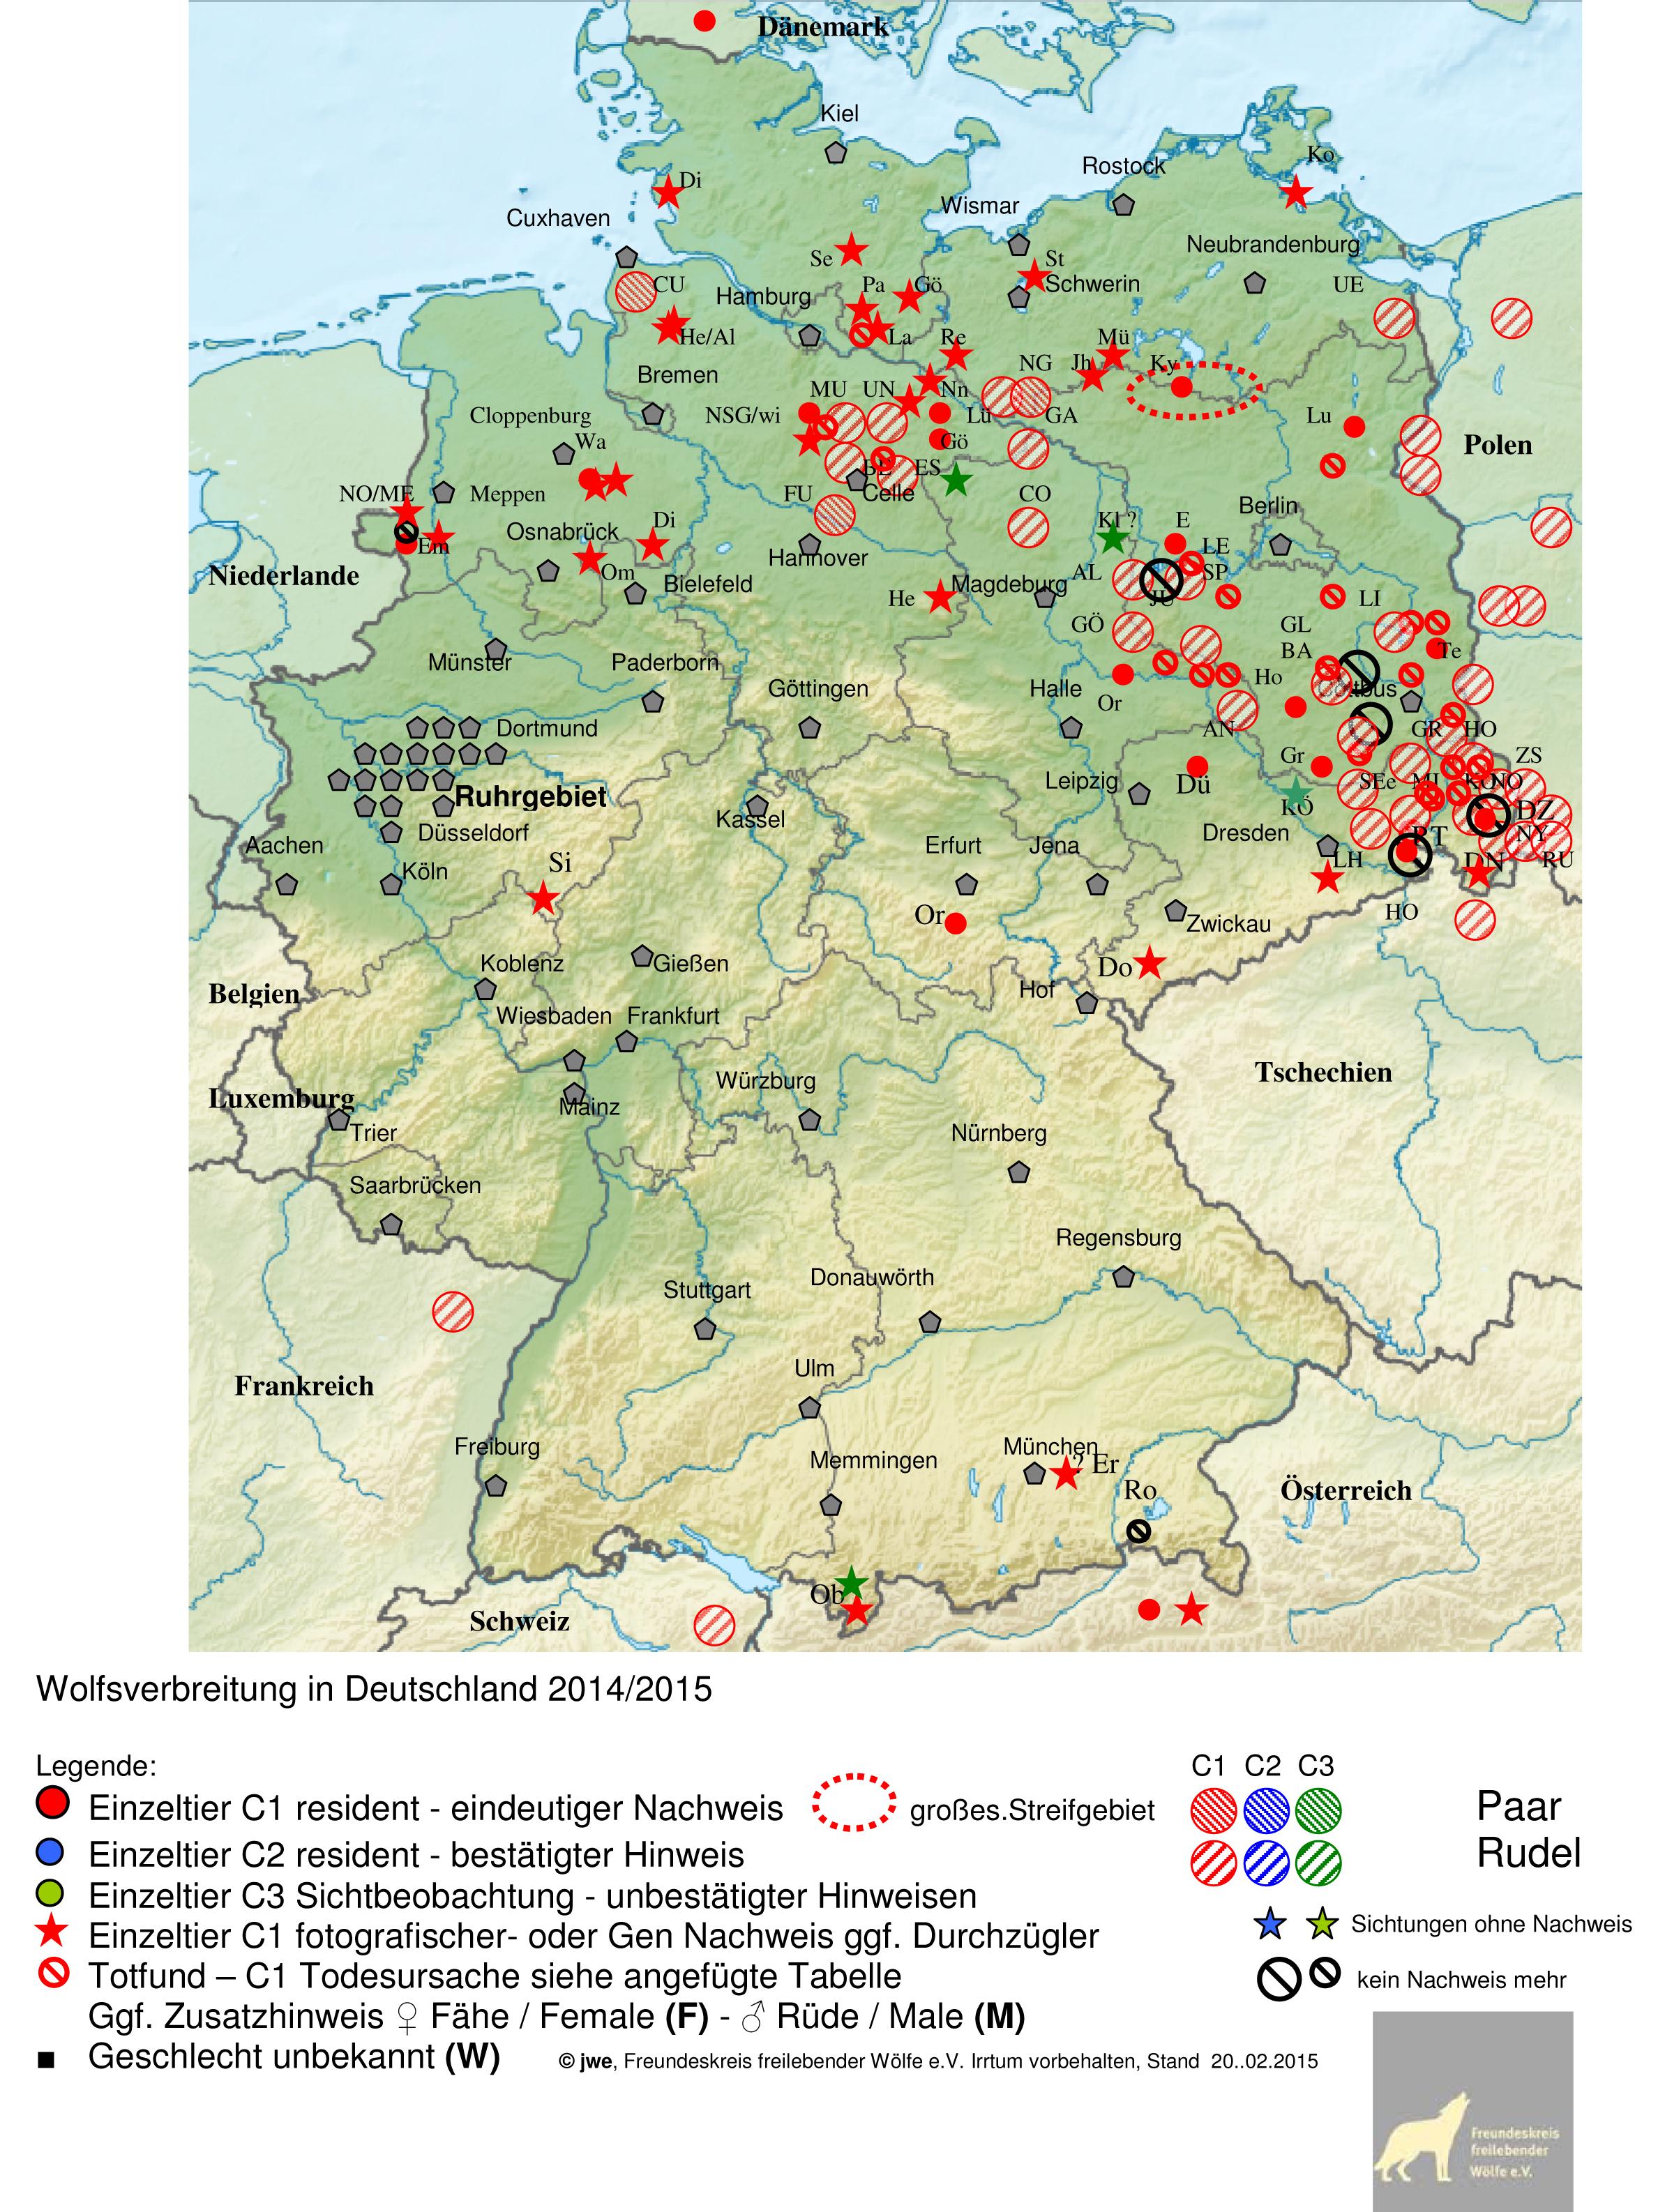 rumänen in deutschland 2015